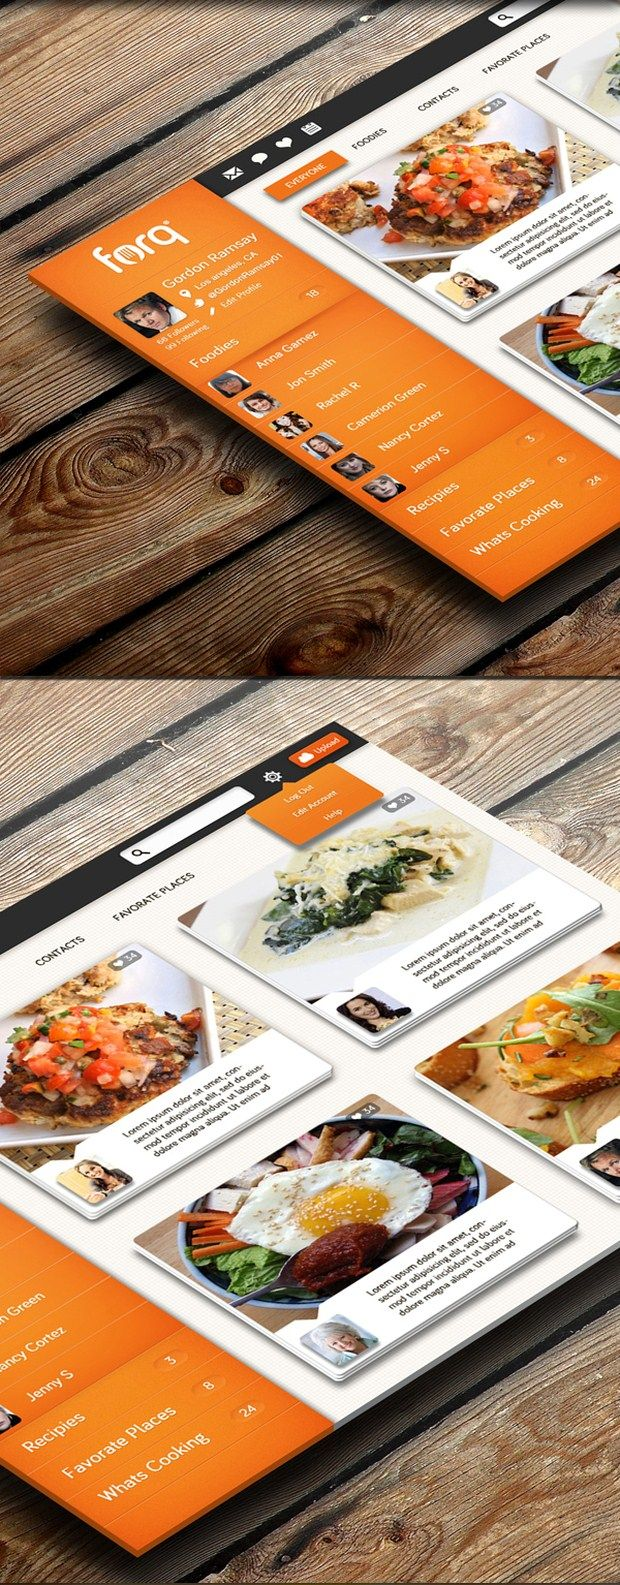 Weekly Web Design Inspiration #18 | Downgraf - Design Weblog For Designers